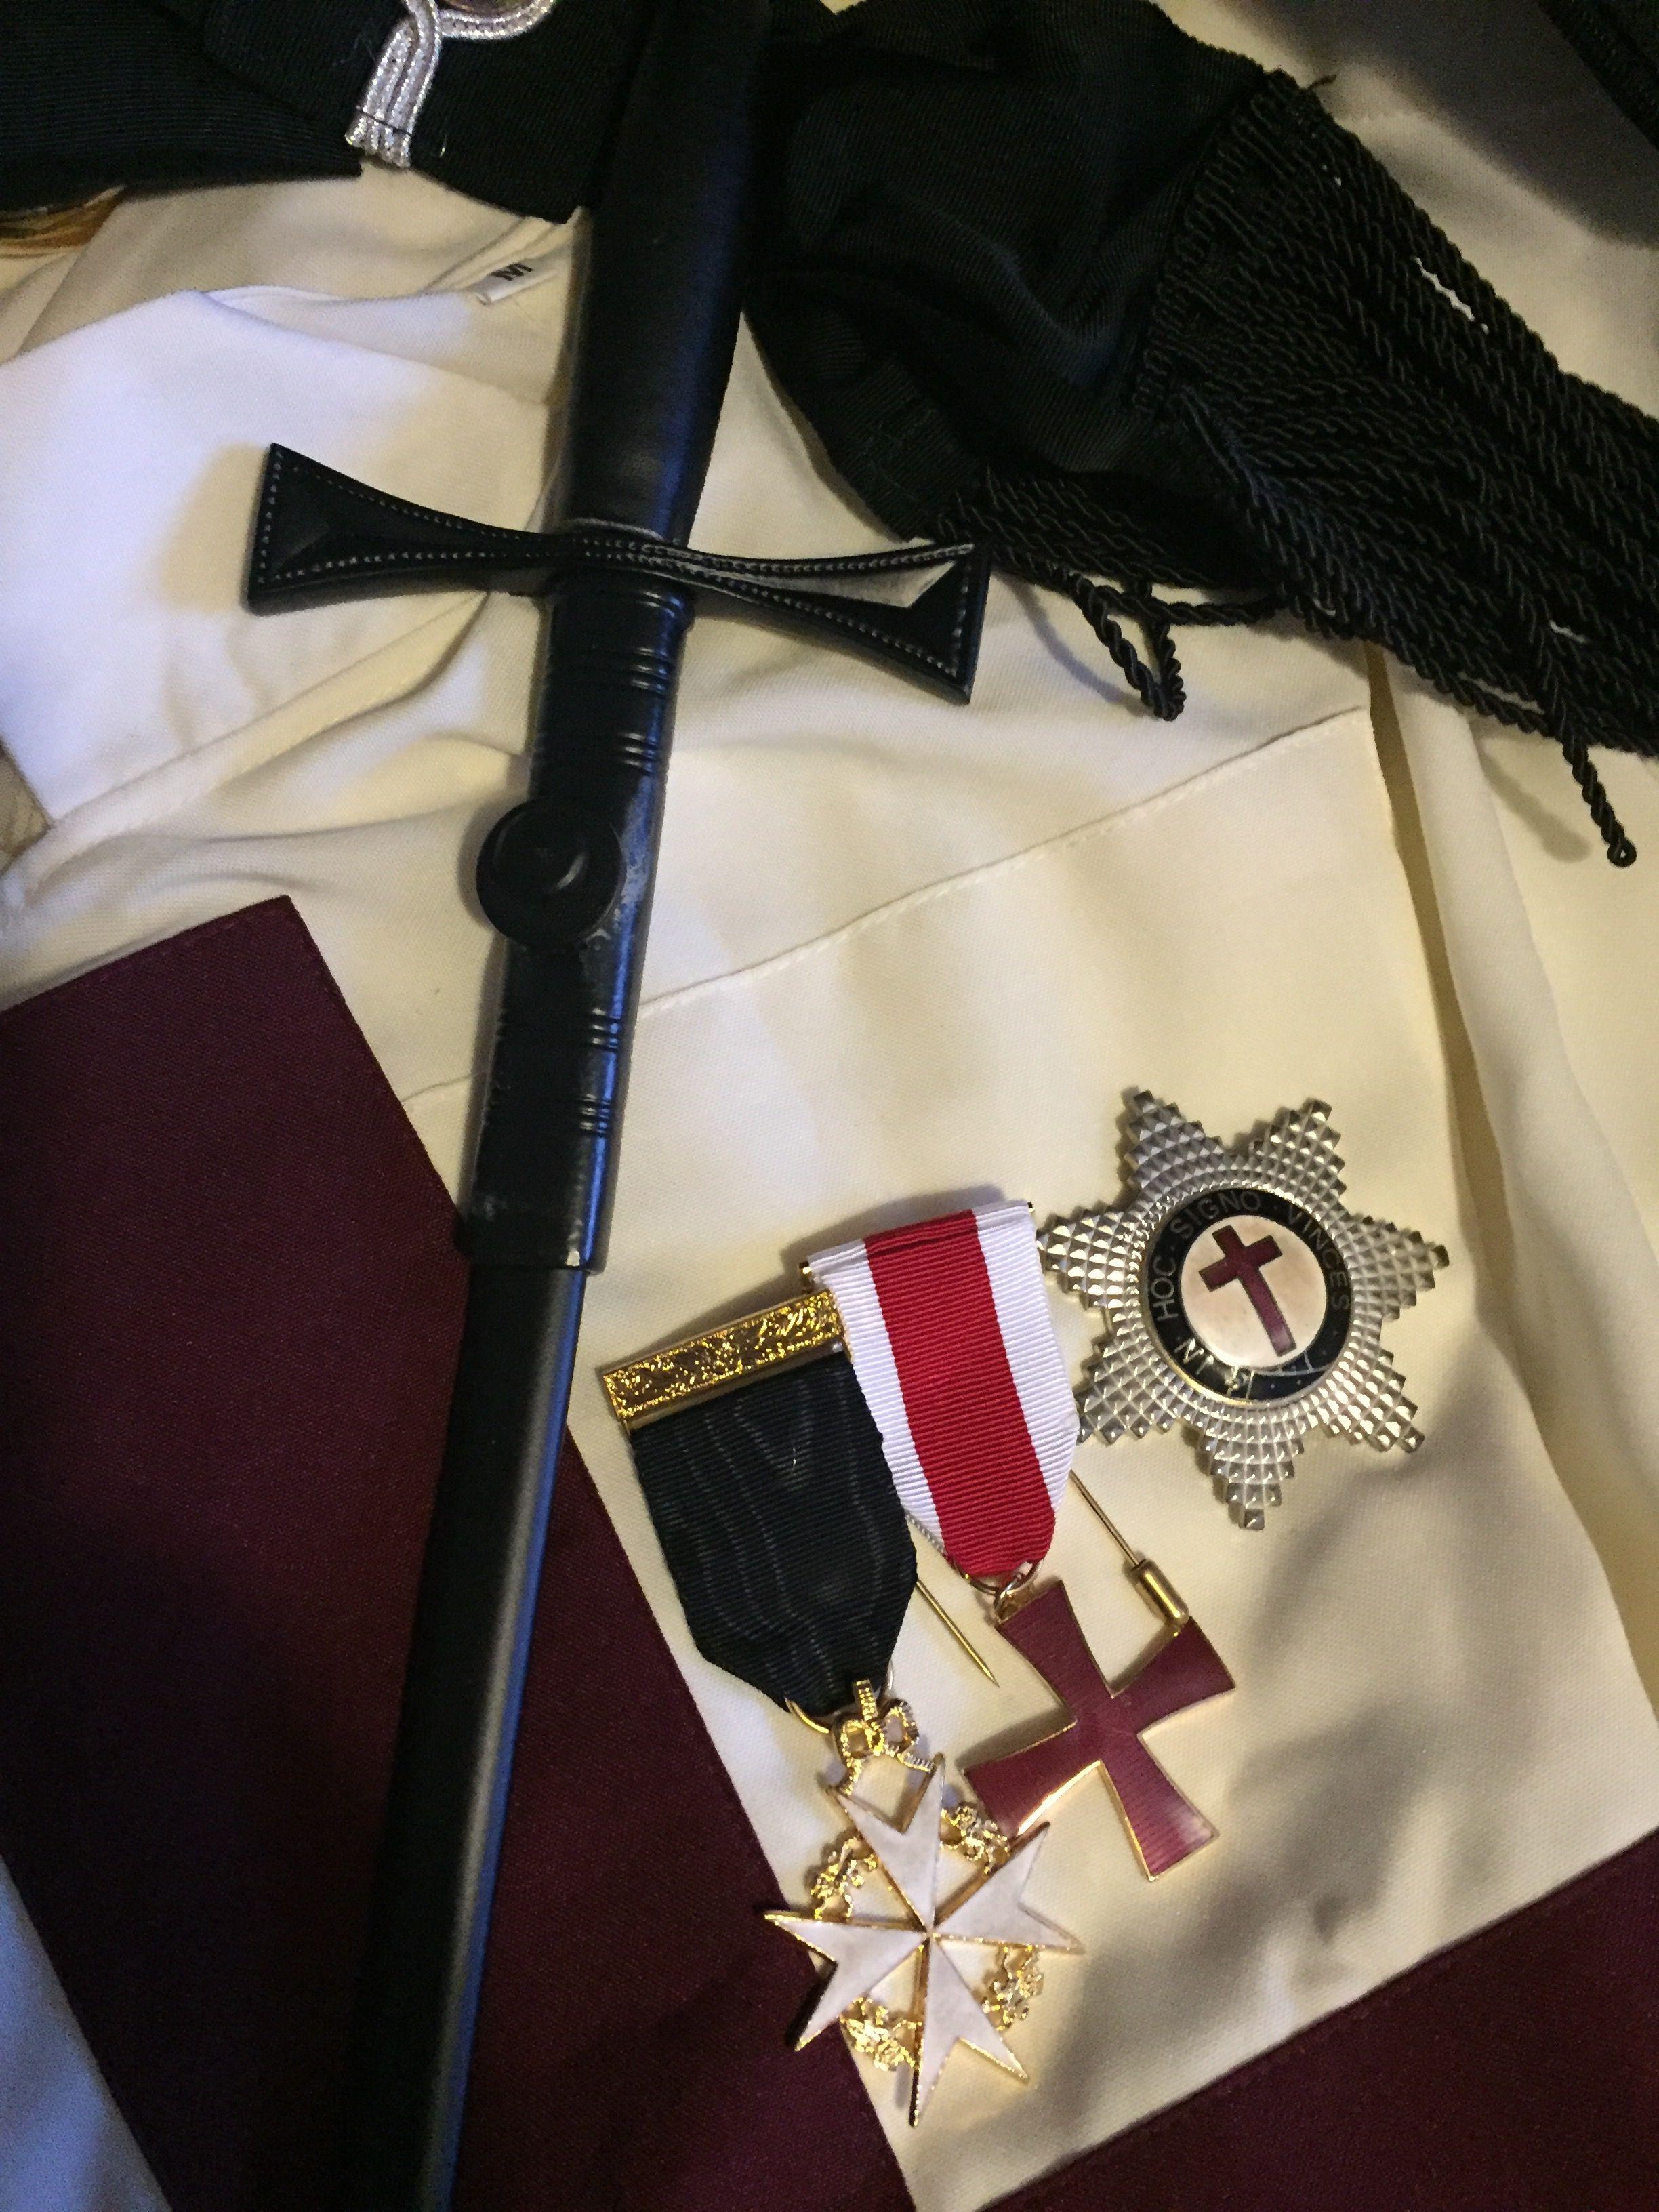 KT Masonic Knight Templar regalia | Knights Templar Commandery